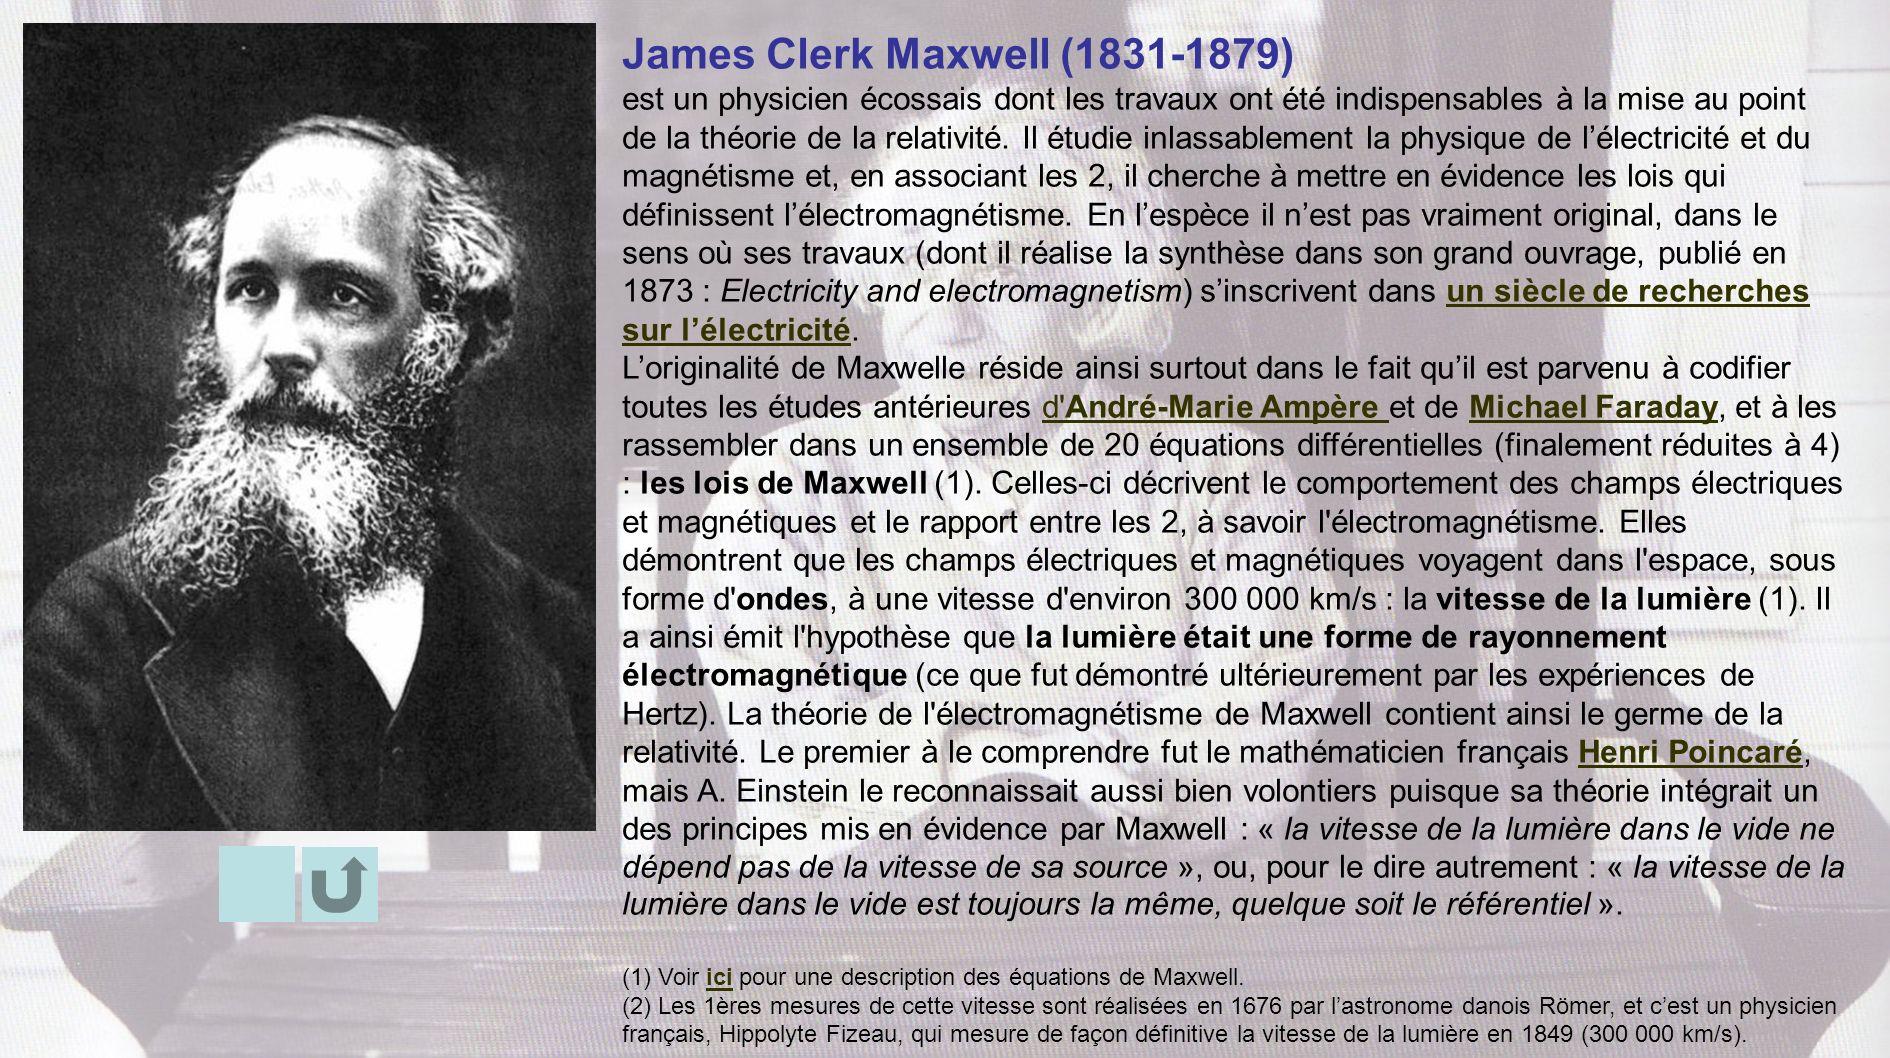 James Clerk Maxwell (1831-1879) est un physicien écossais dont les travaux ont été indispensables à la mise au point de la théorie de la relativité. I